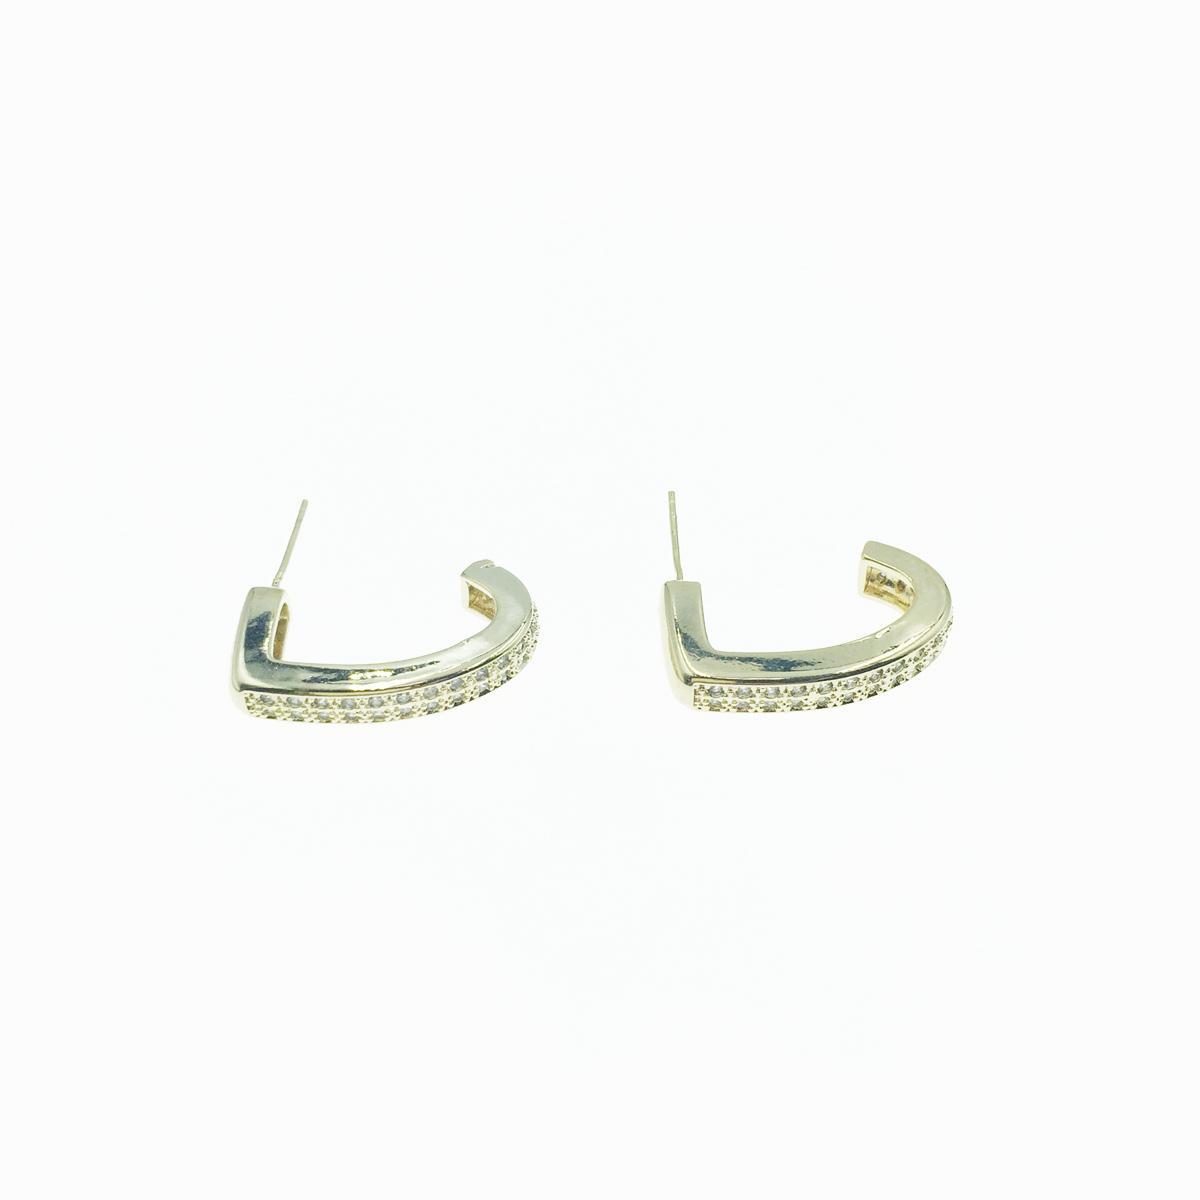 韓國 925純銀 勾型 水鑽 幾何 方型 金色 簡約 耳針式 耳環